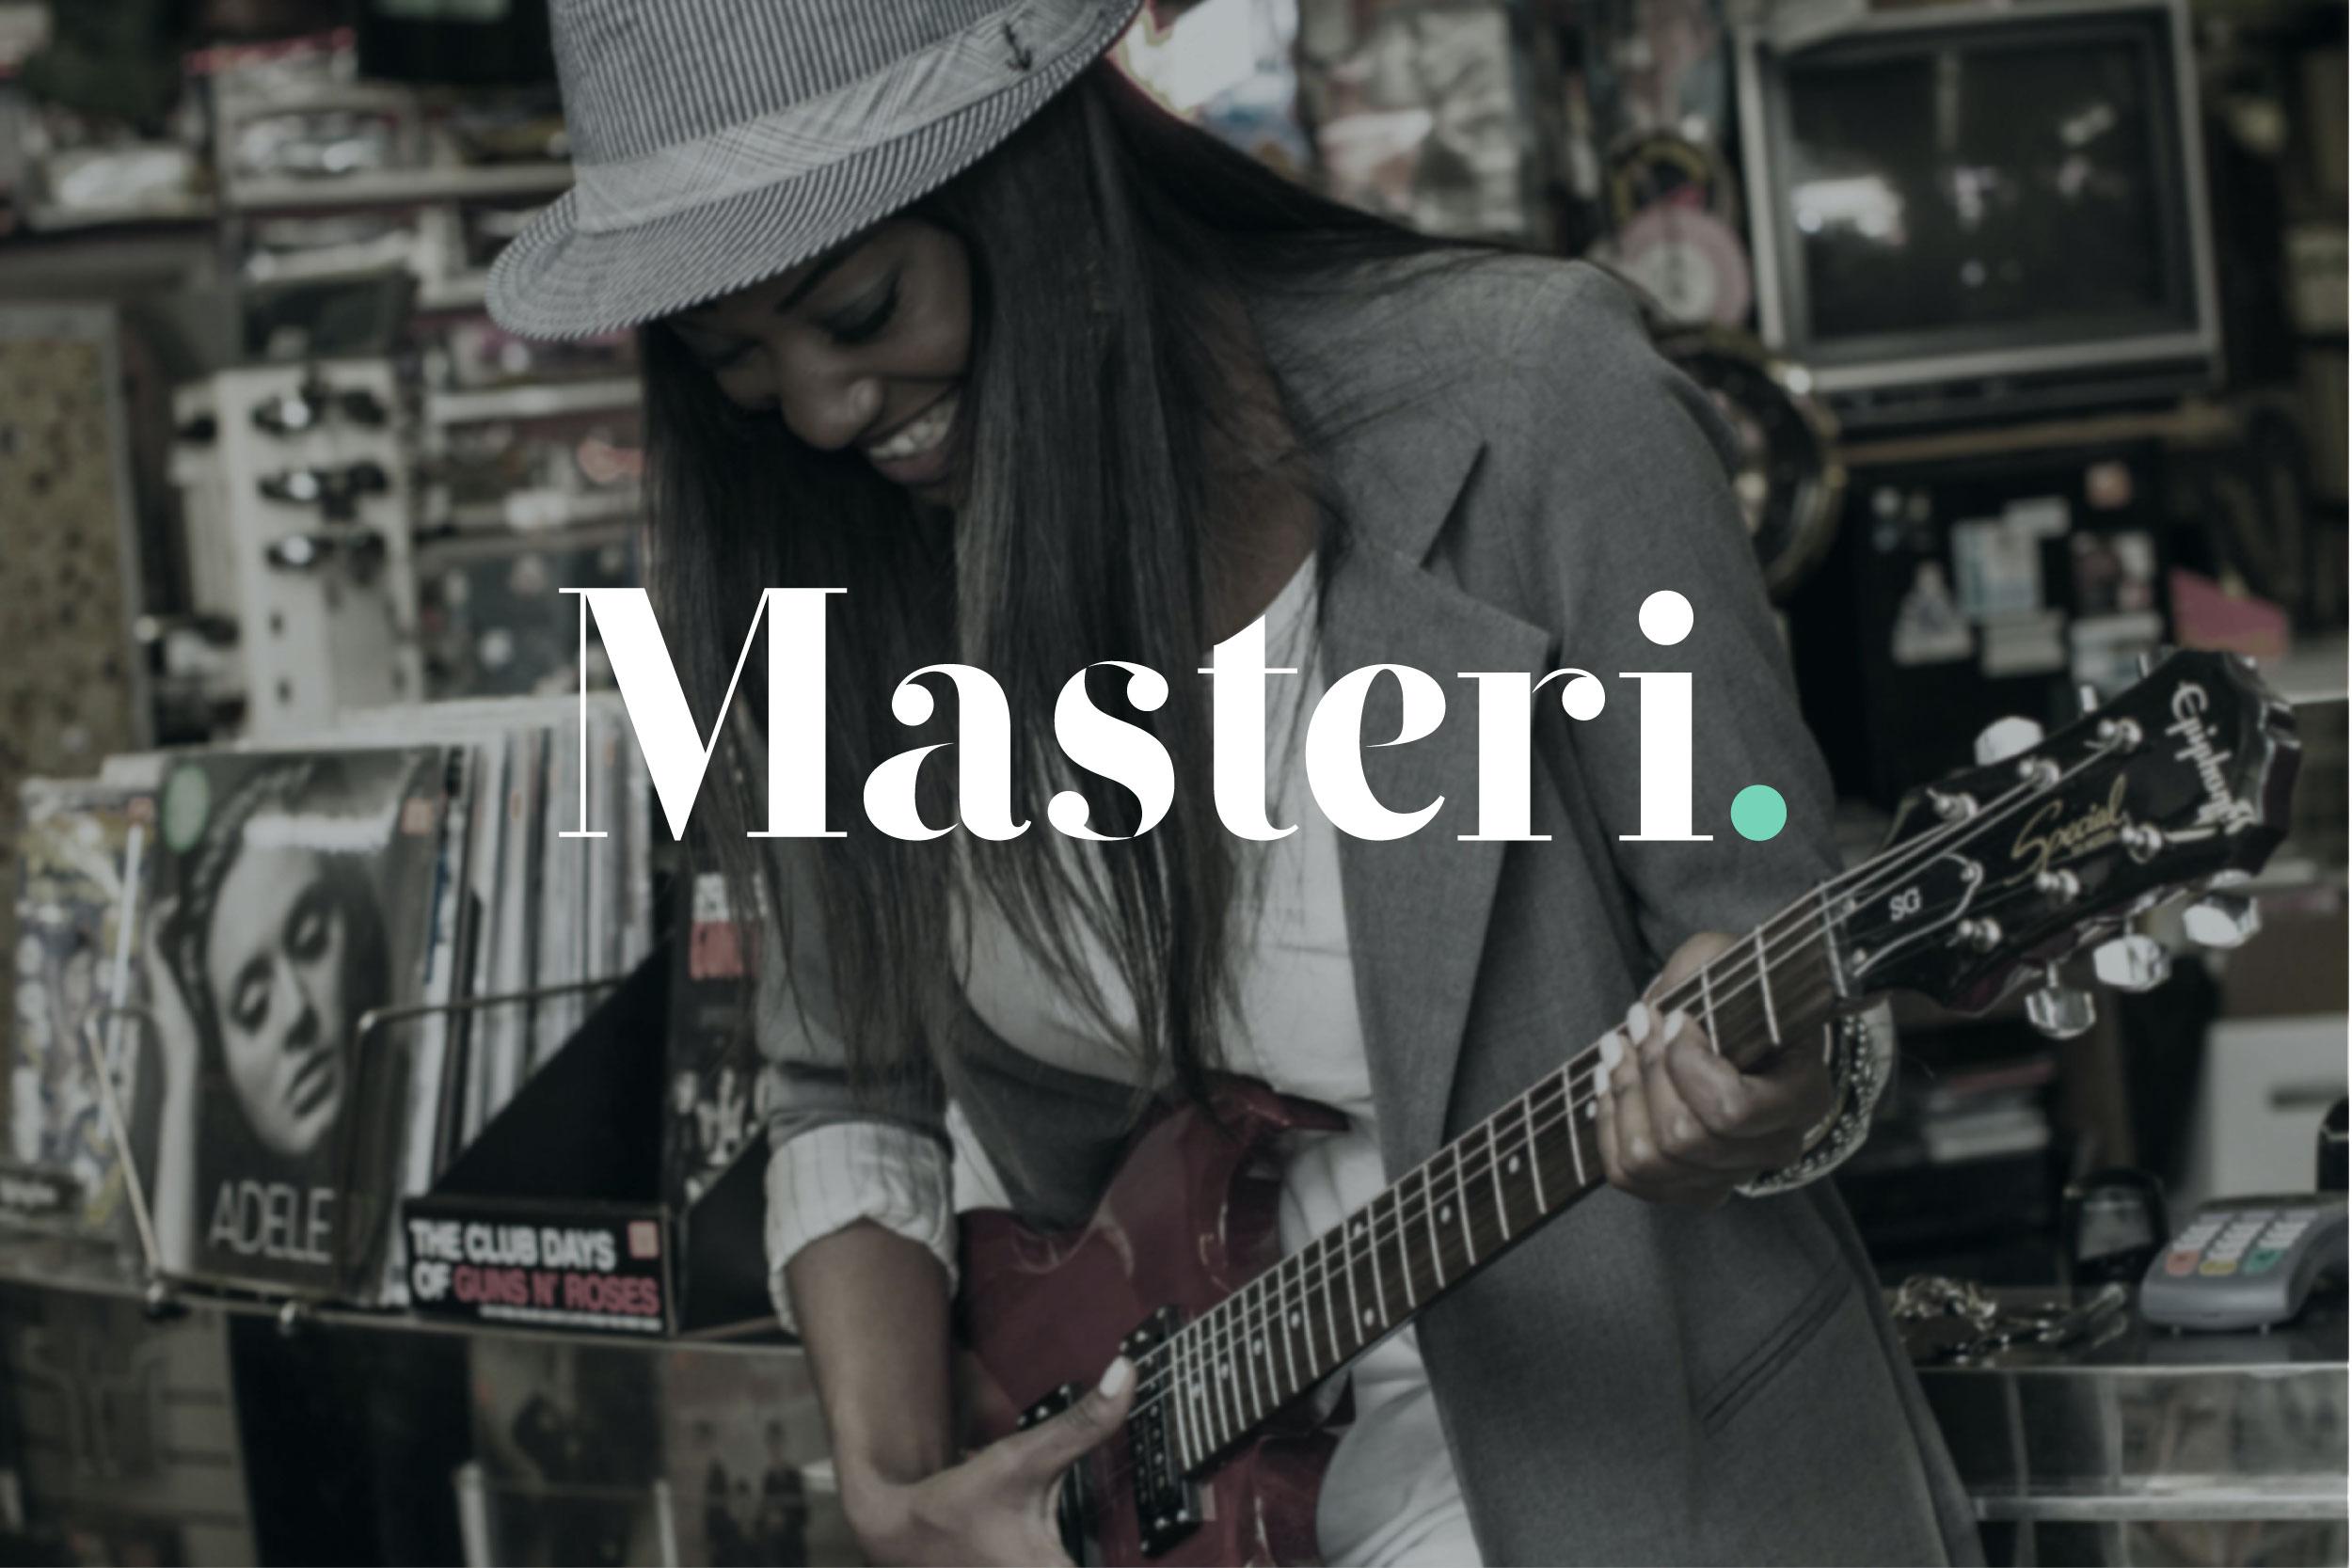 Masteri-Brand-Identity-03-02.jpg